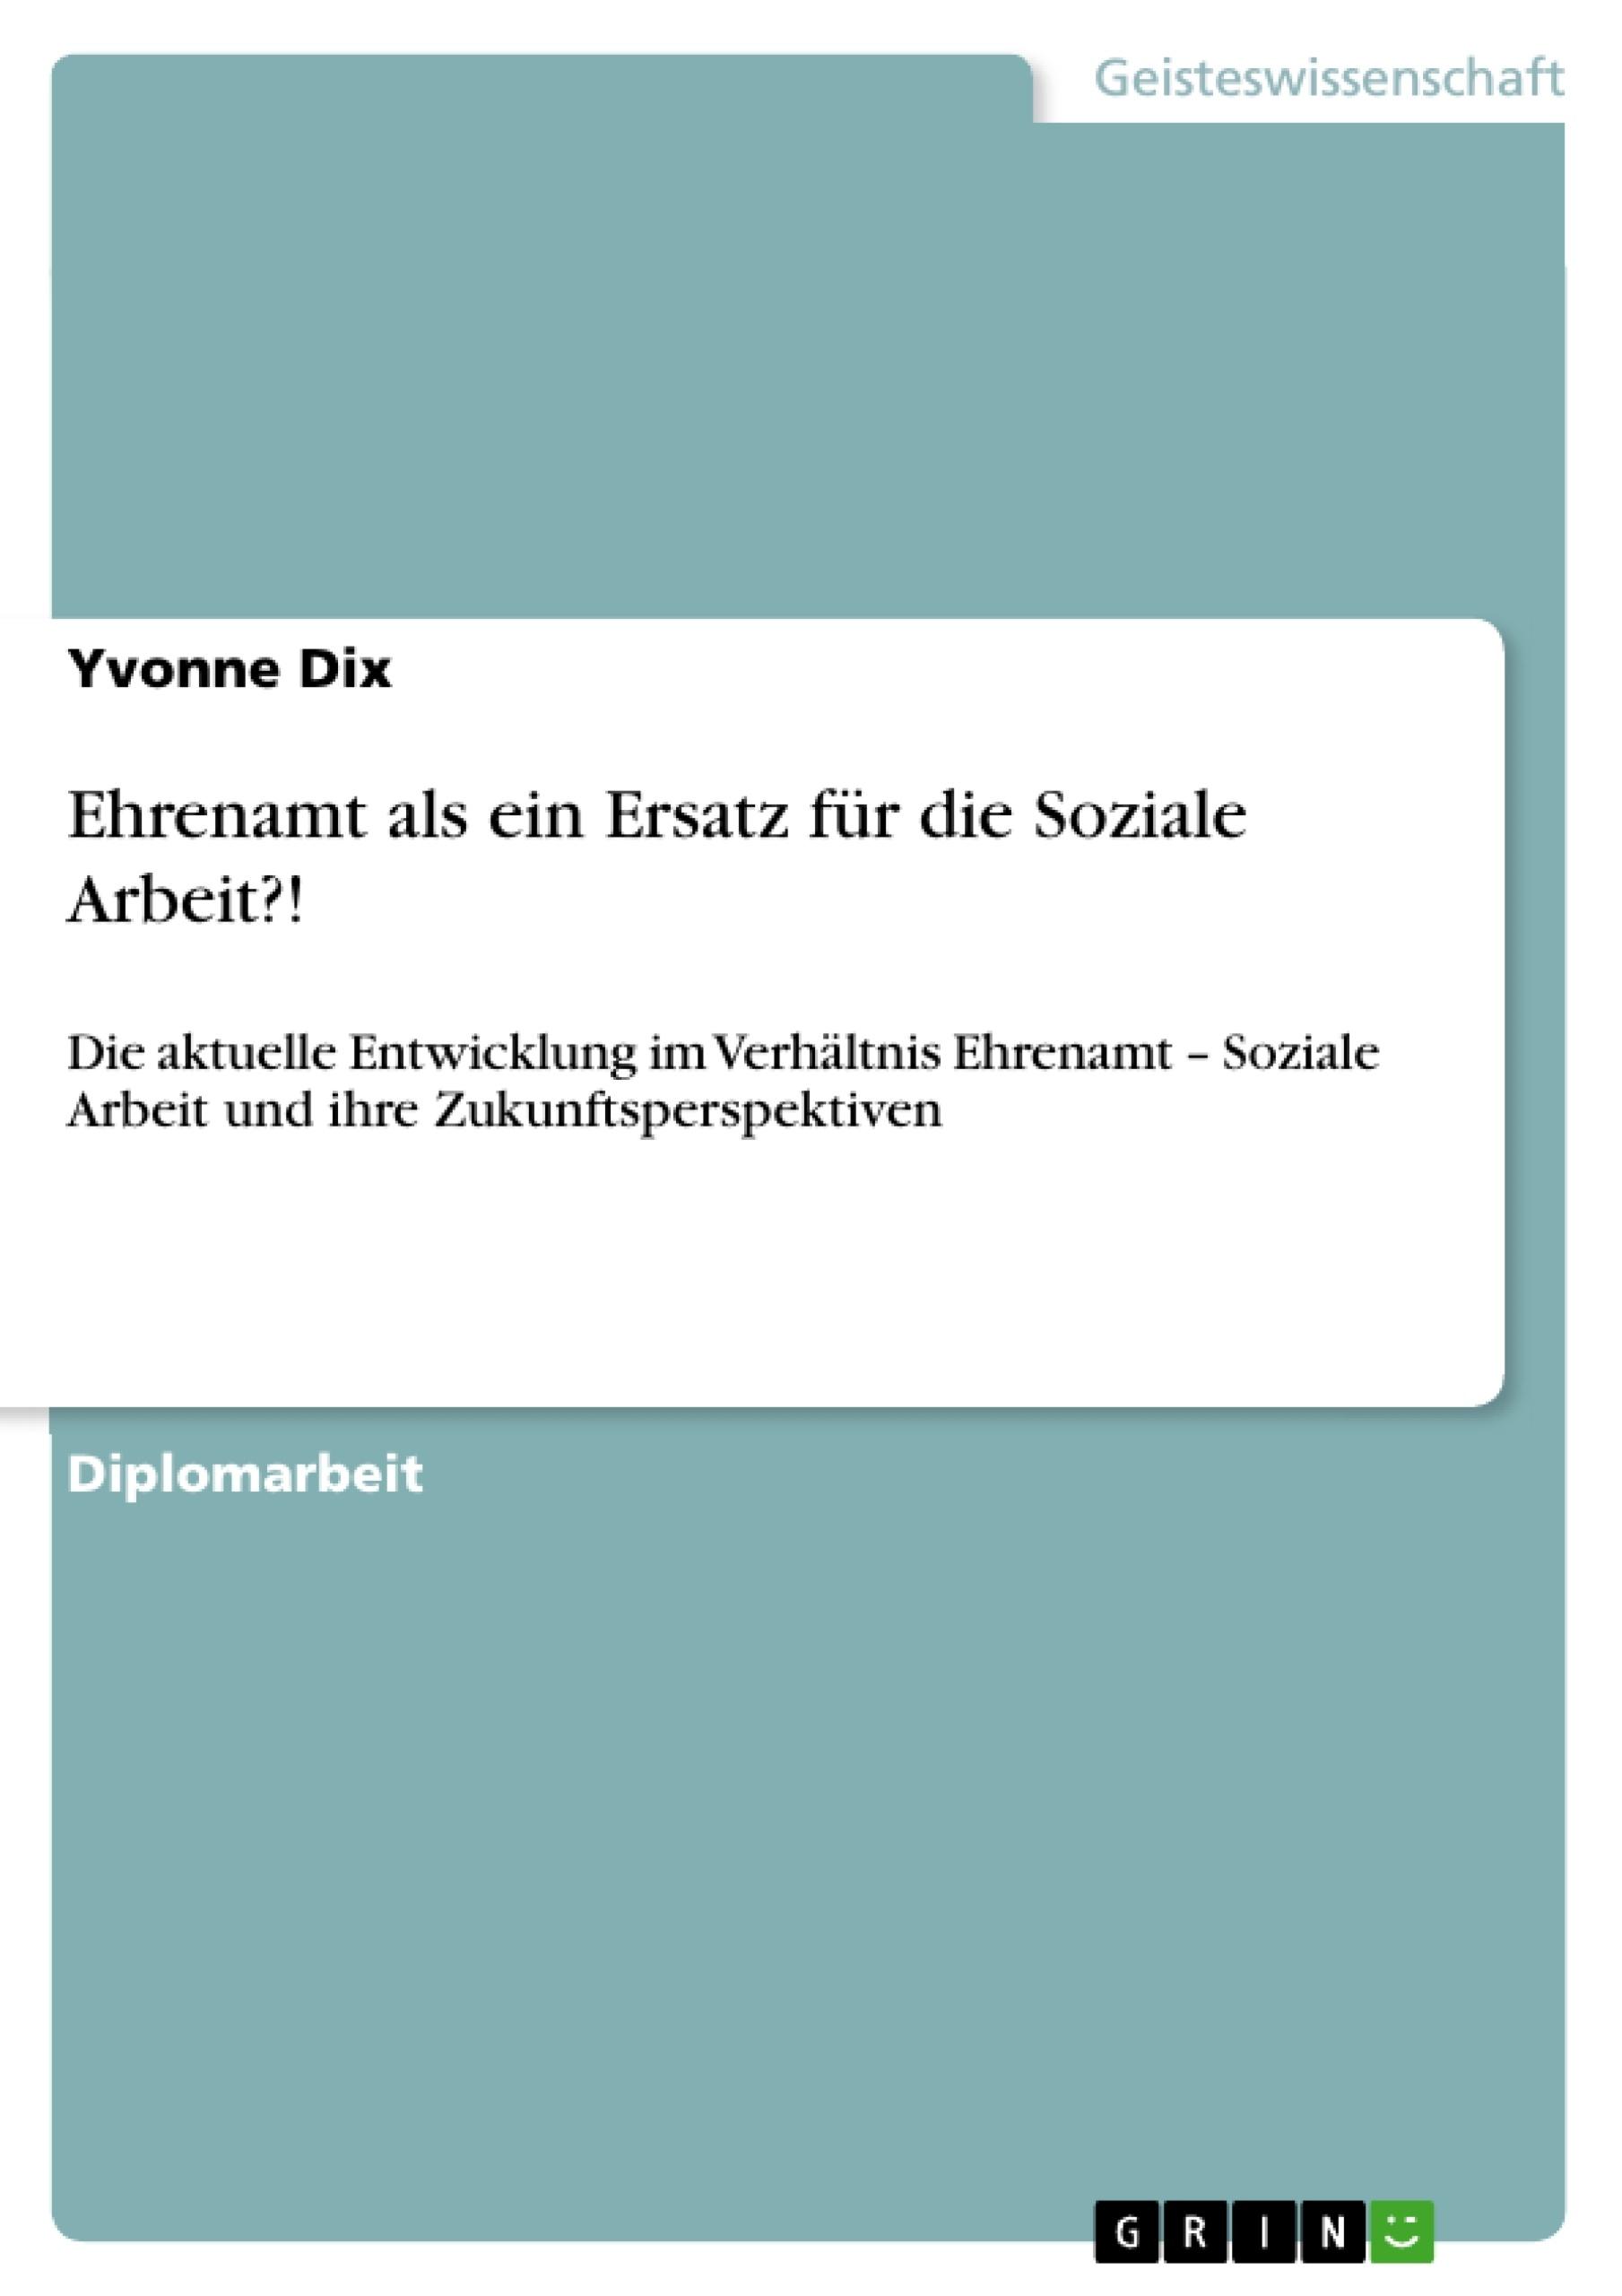 Titel: Ehrenamt als ein Ersatz für die Soziale Arbeit?!